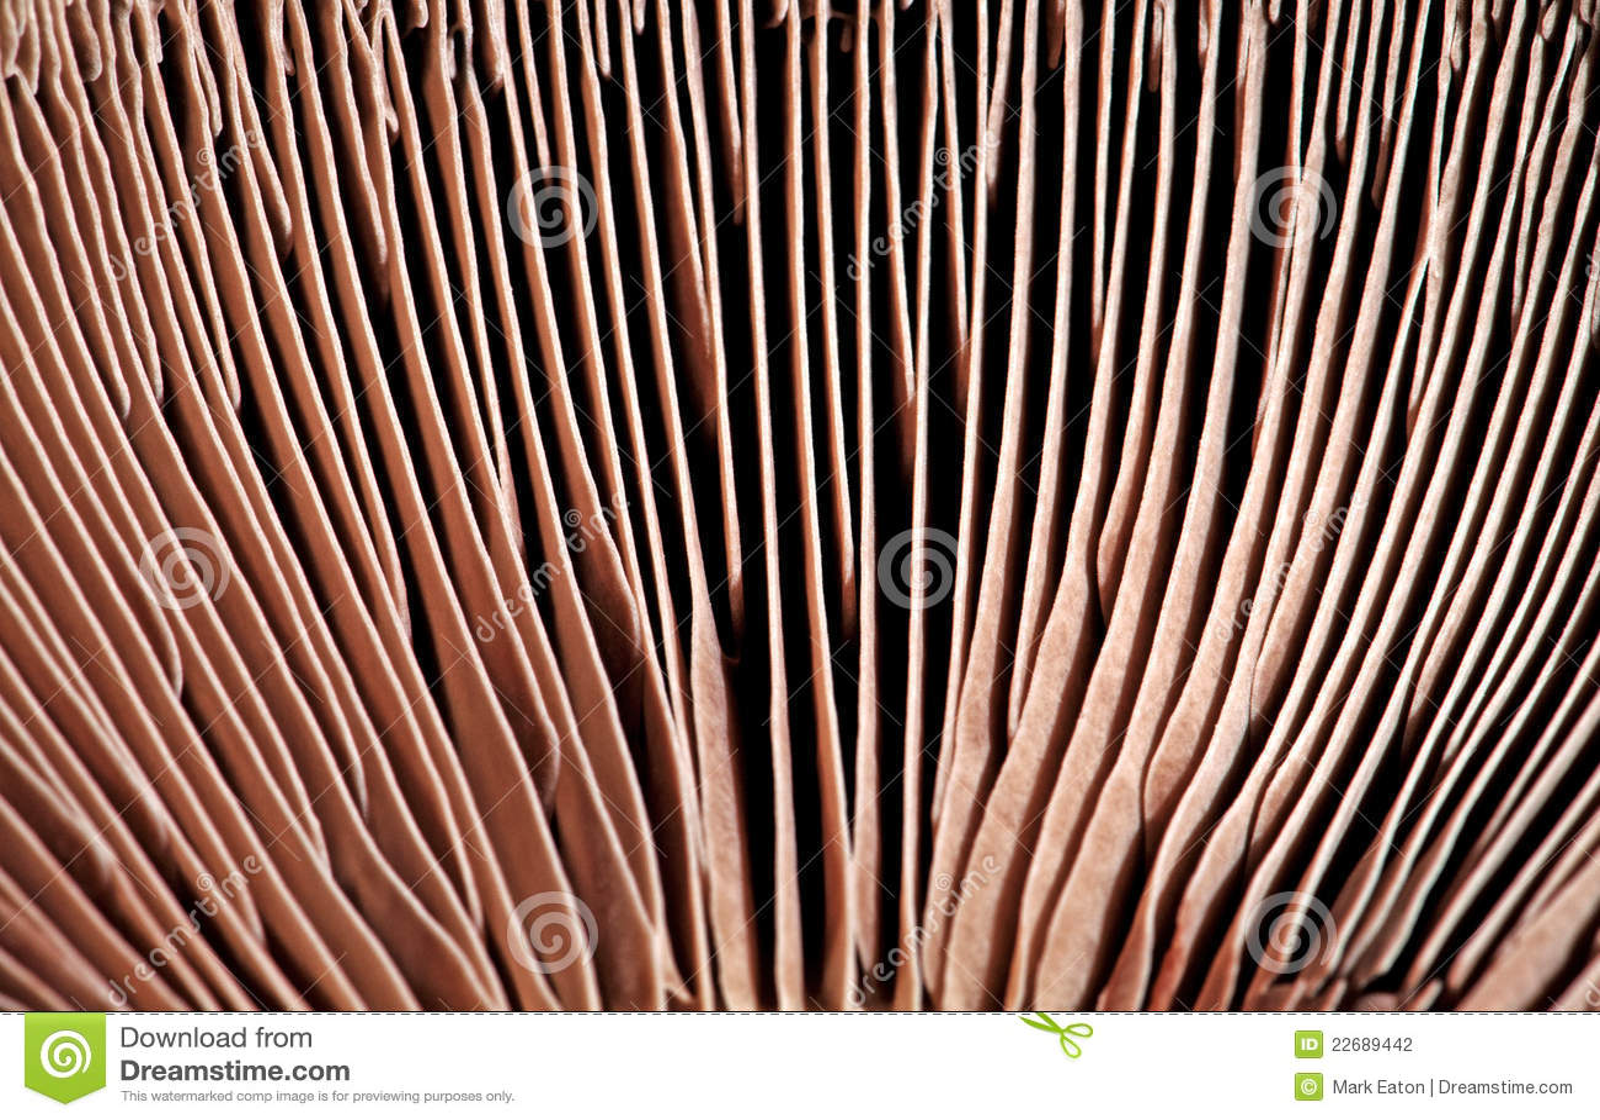 Branchie del fungo